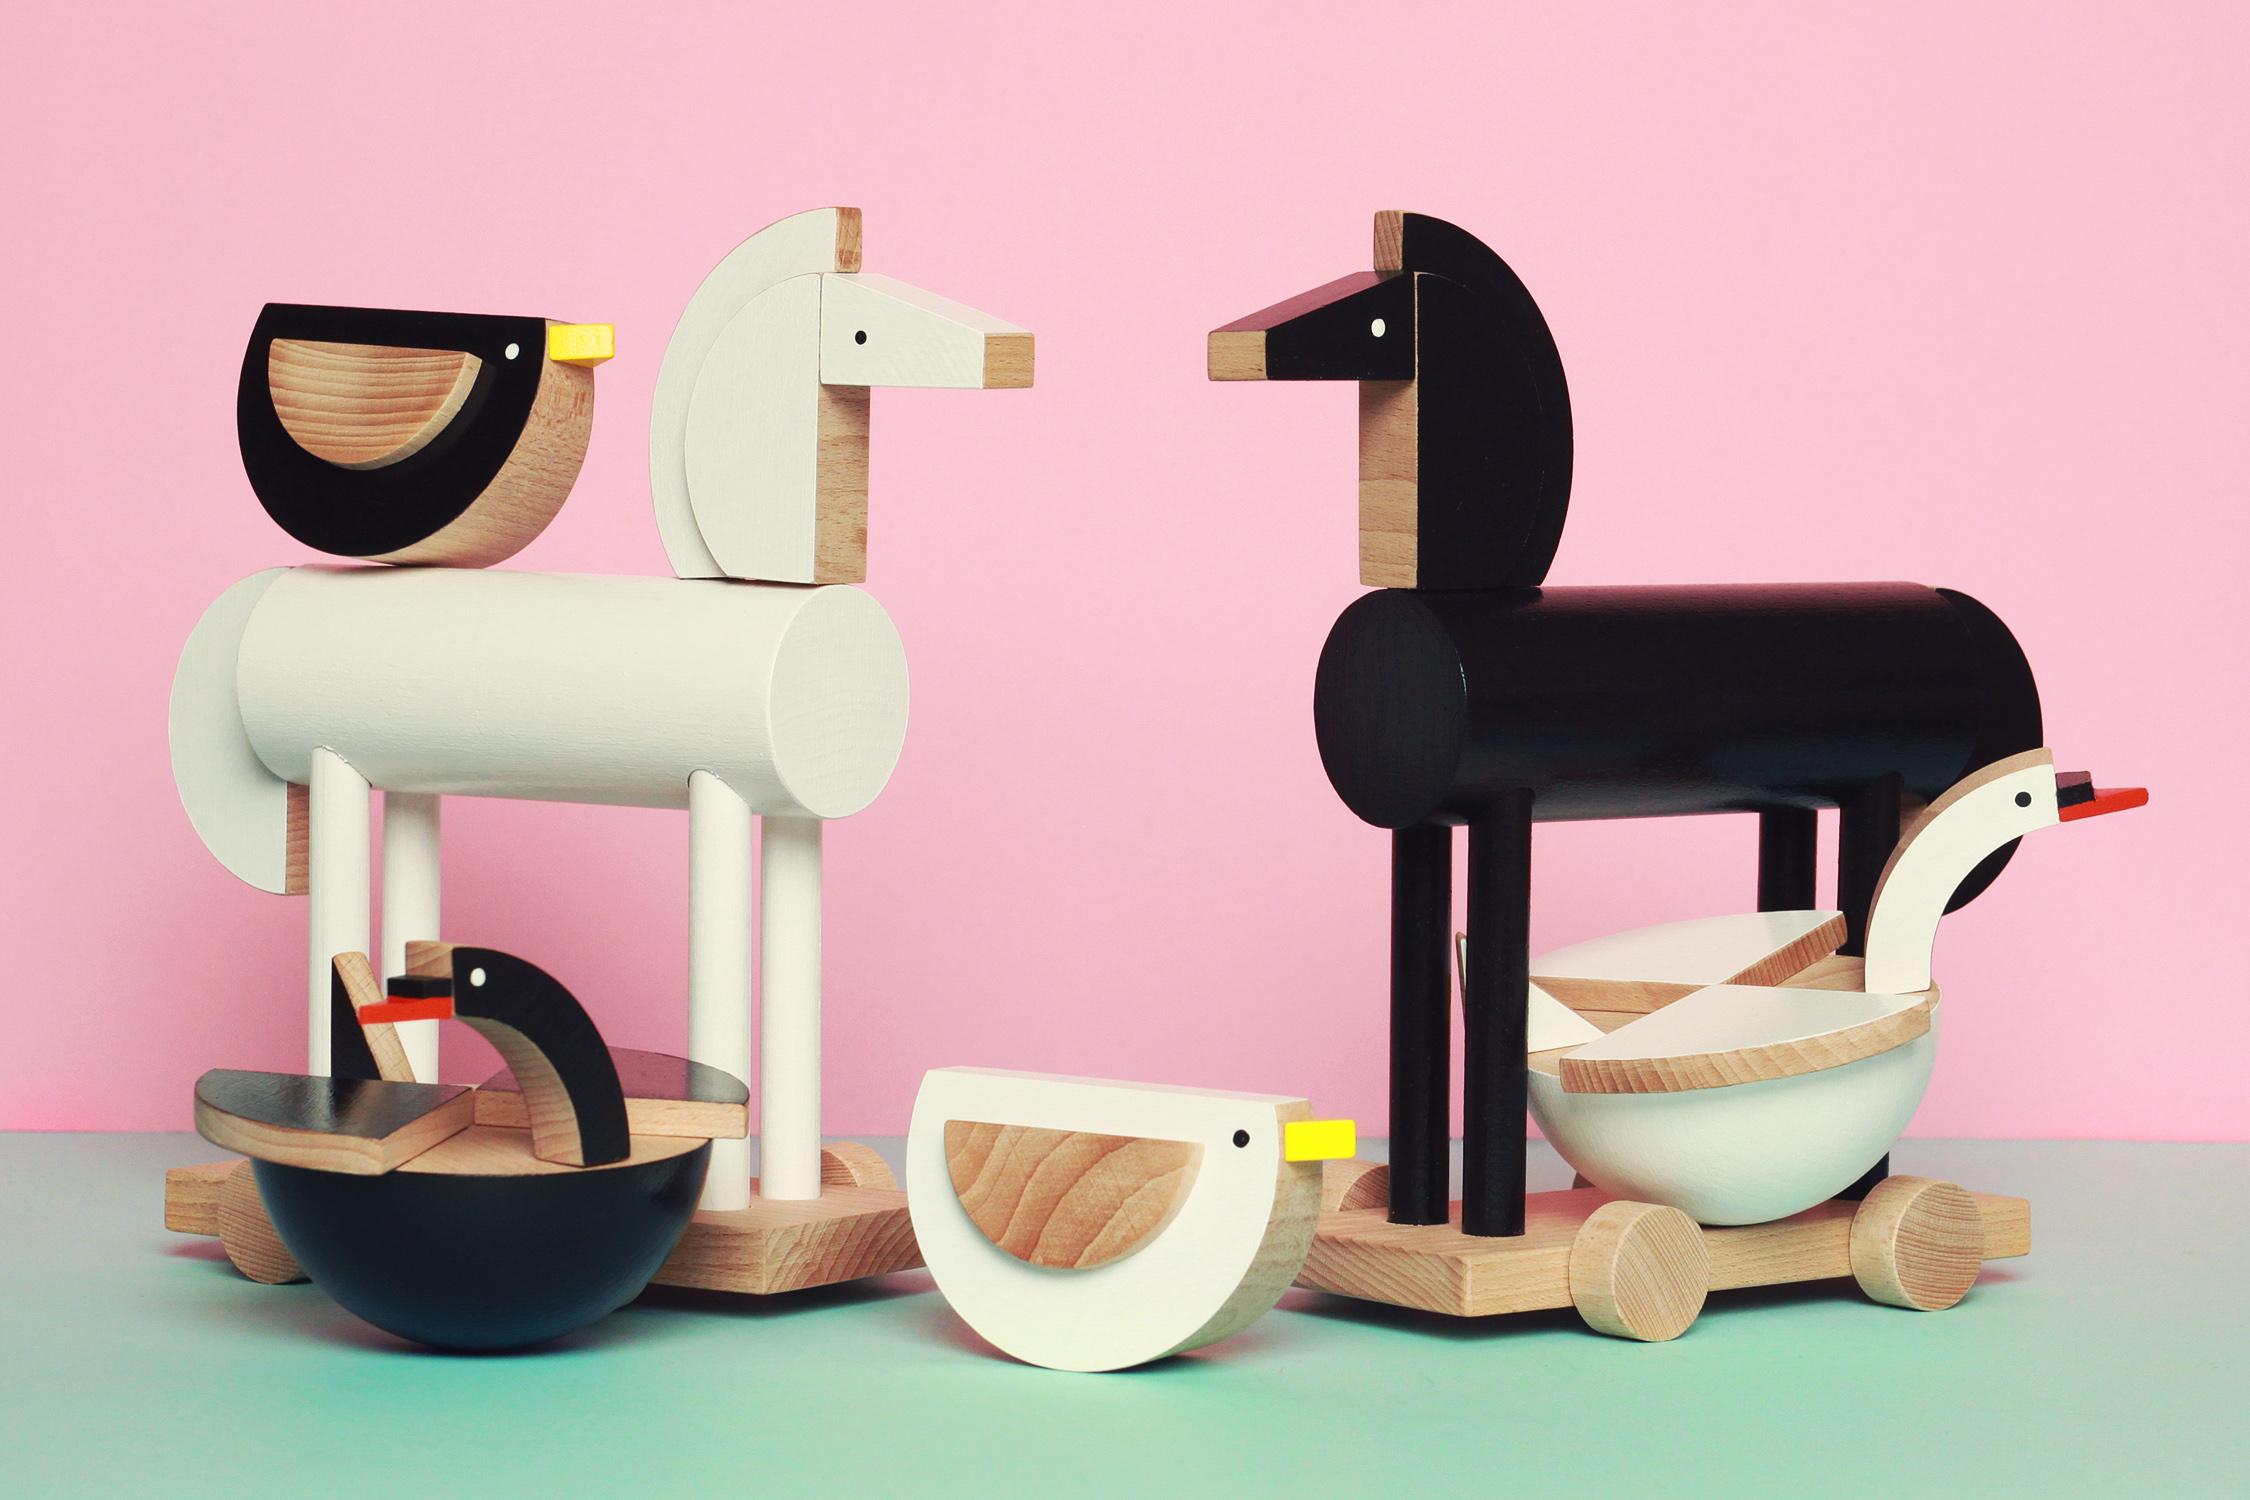 giocattoli design